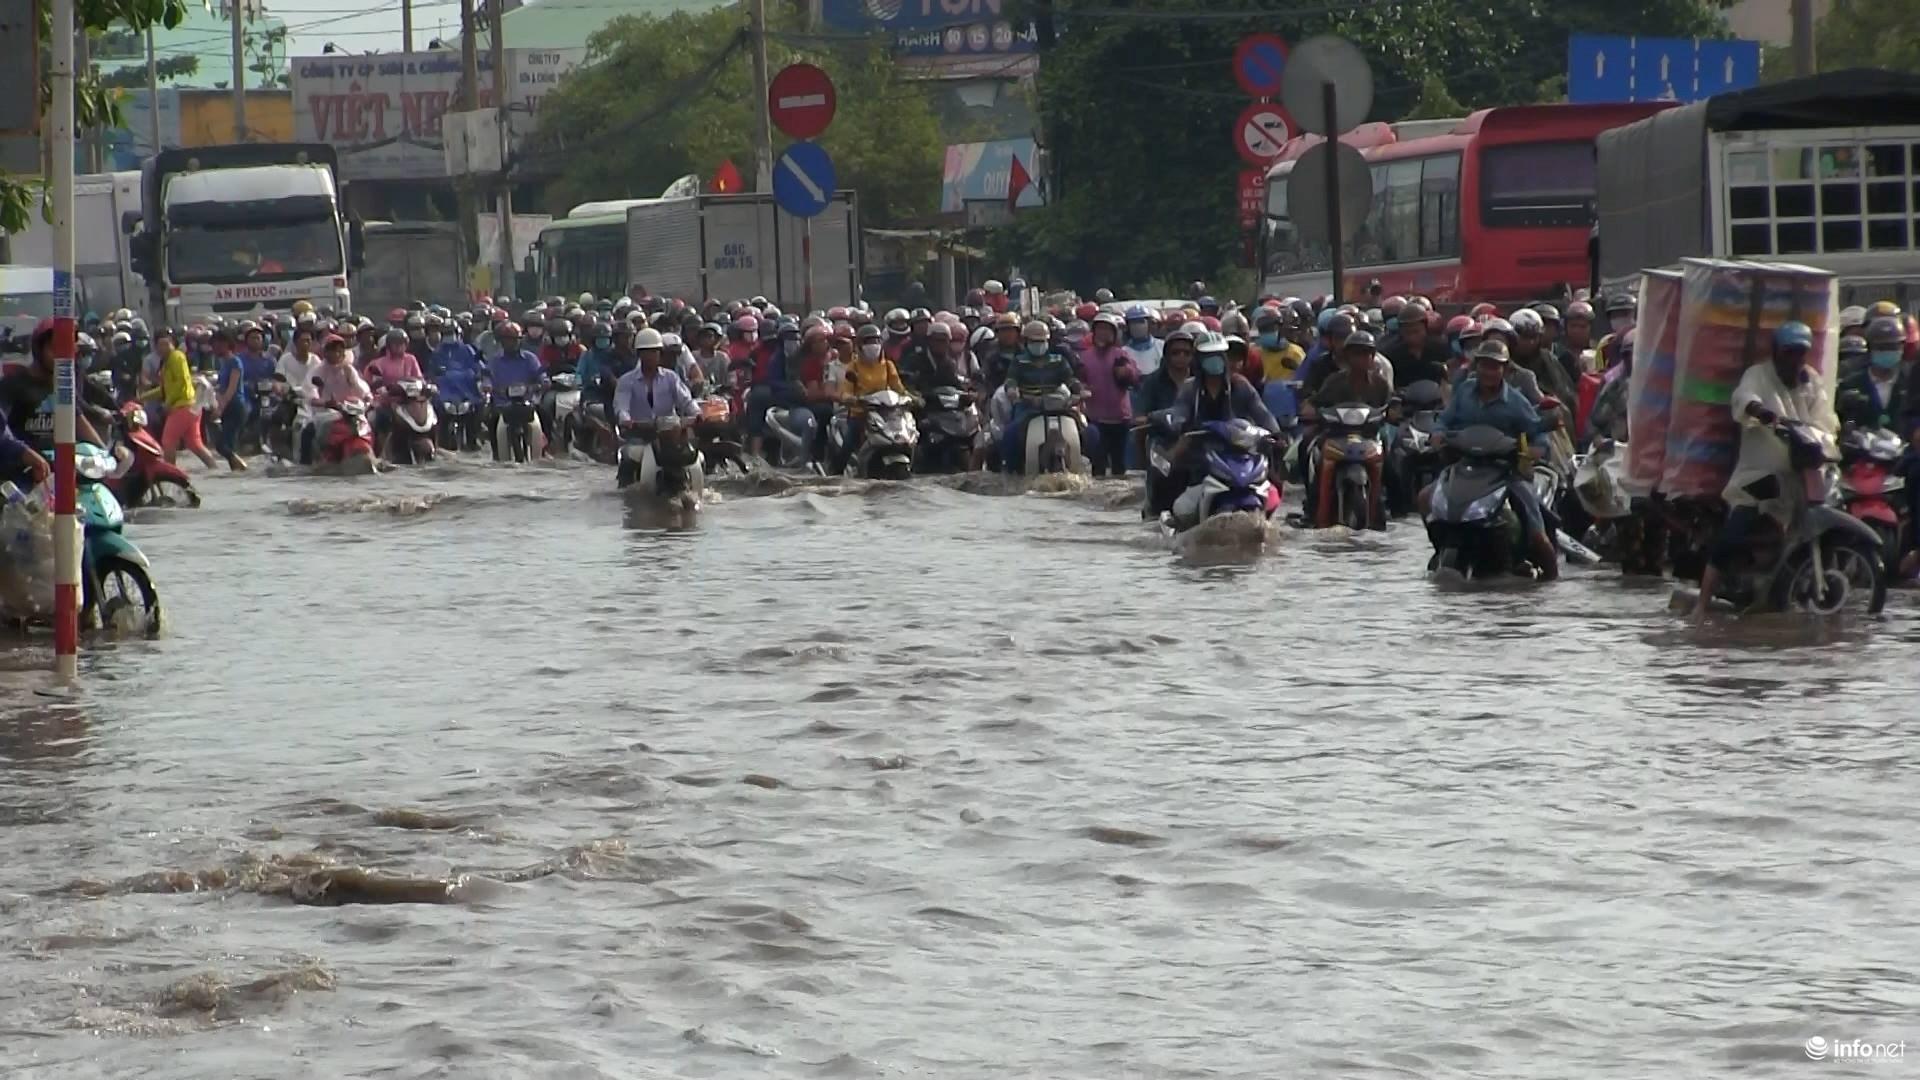 báo Infonet đưa tin, cơn mưa như trút nước rạng sáng nay khiến Quốc lộ 1A đoạn qua quận Bình Tân, Bình Chánh bị ngập sâu hàng ngàn phương tiện bị ùn ứ kéo dài.